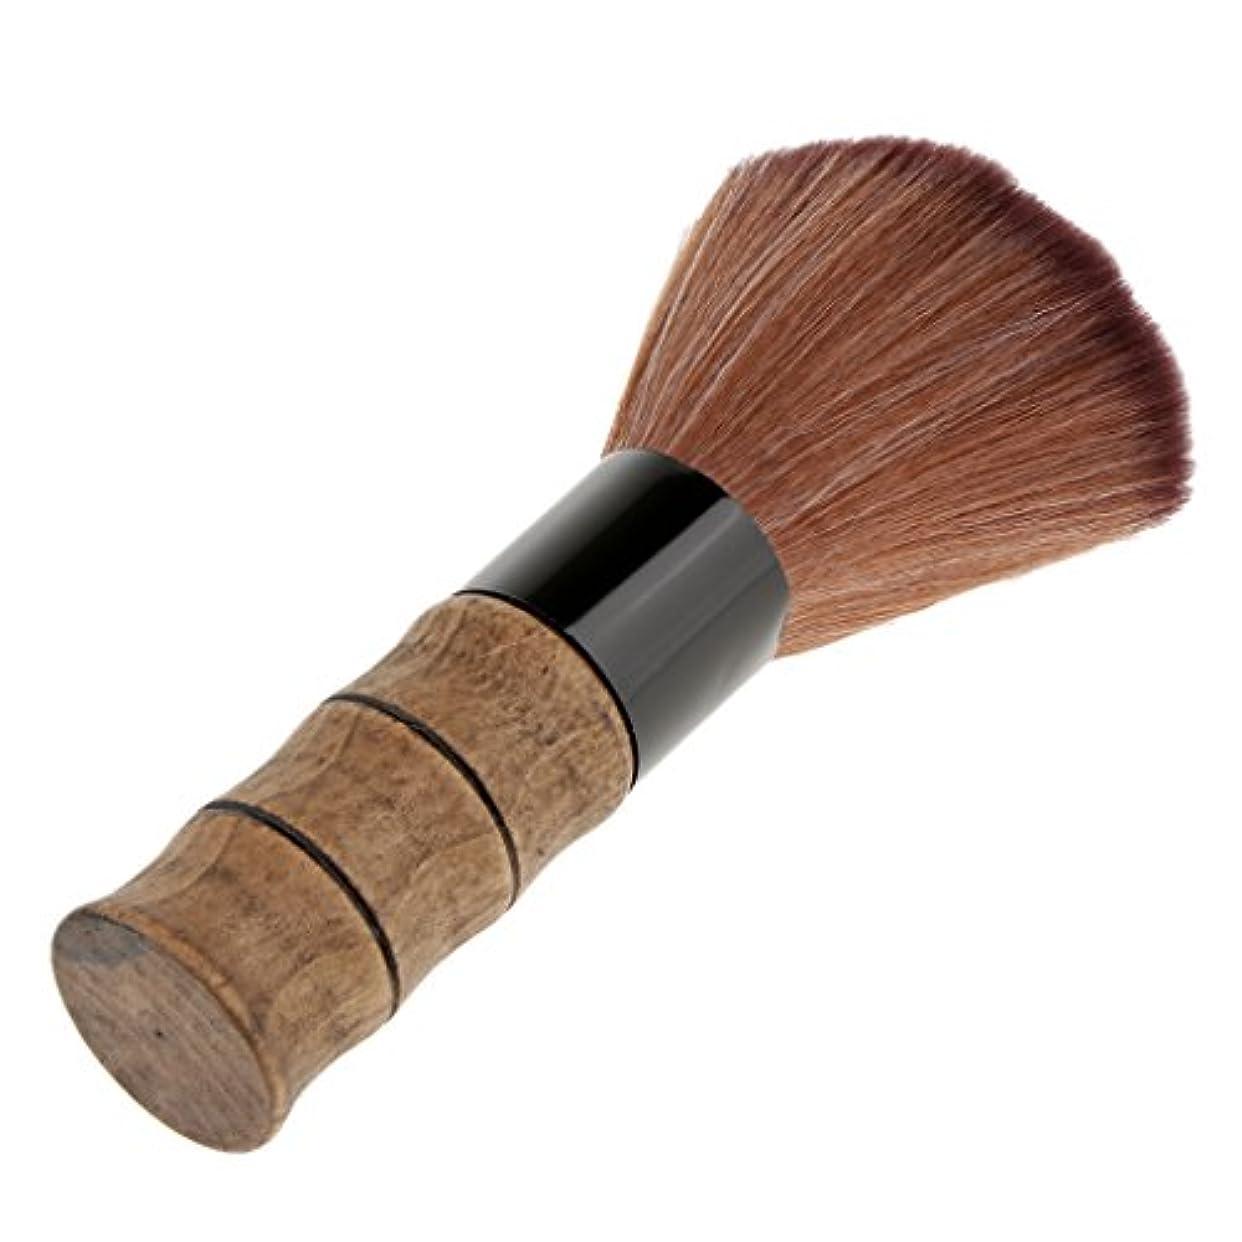 信念バトル私たちのものシェービングブラシ ソフトファイバー 脱毛 シェービング ブラシ ブラッシュ ルーズパウダー メイクブラシ 繊維+竹ハンドル 2色選べる - 褐色